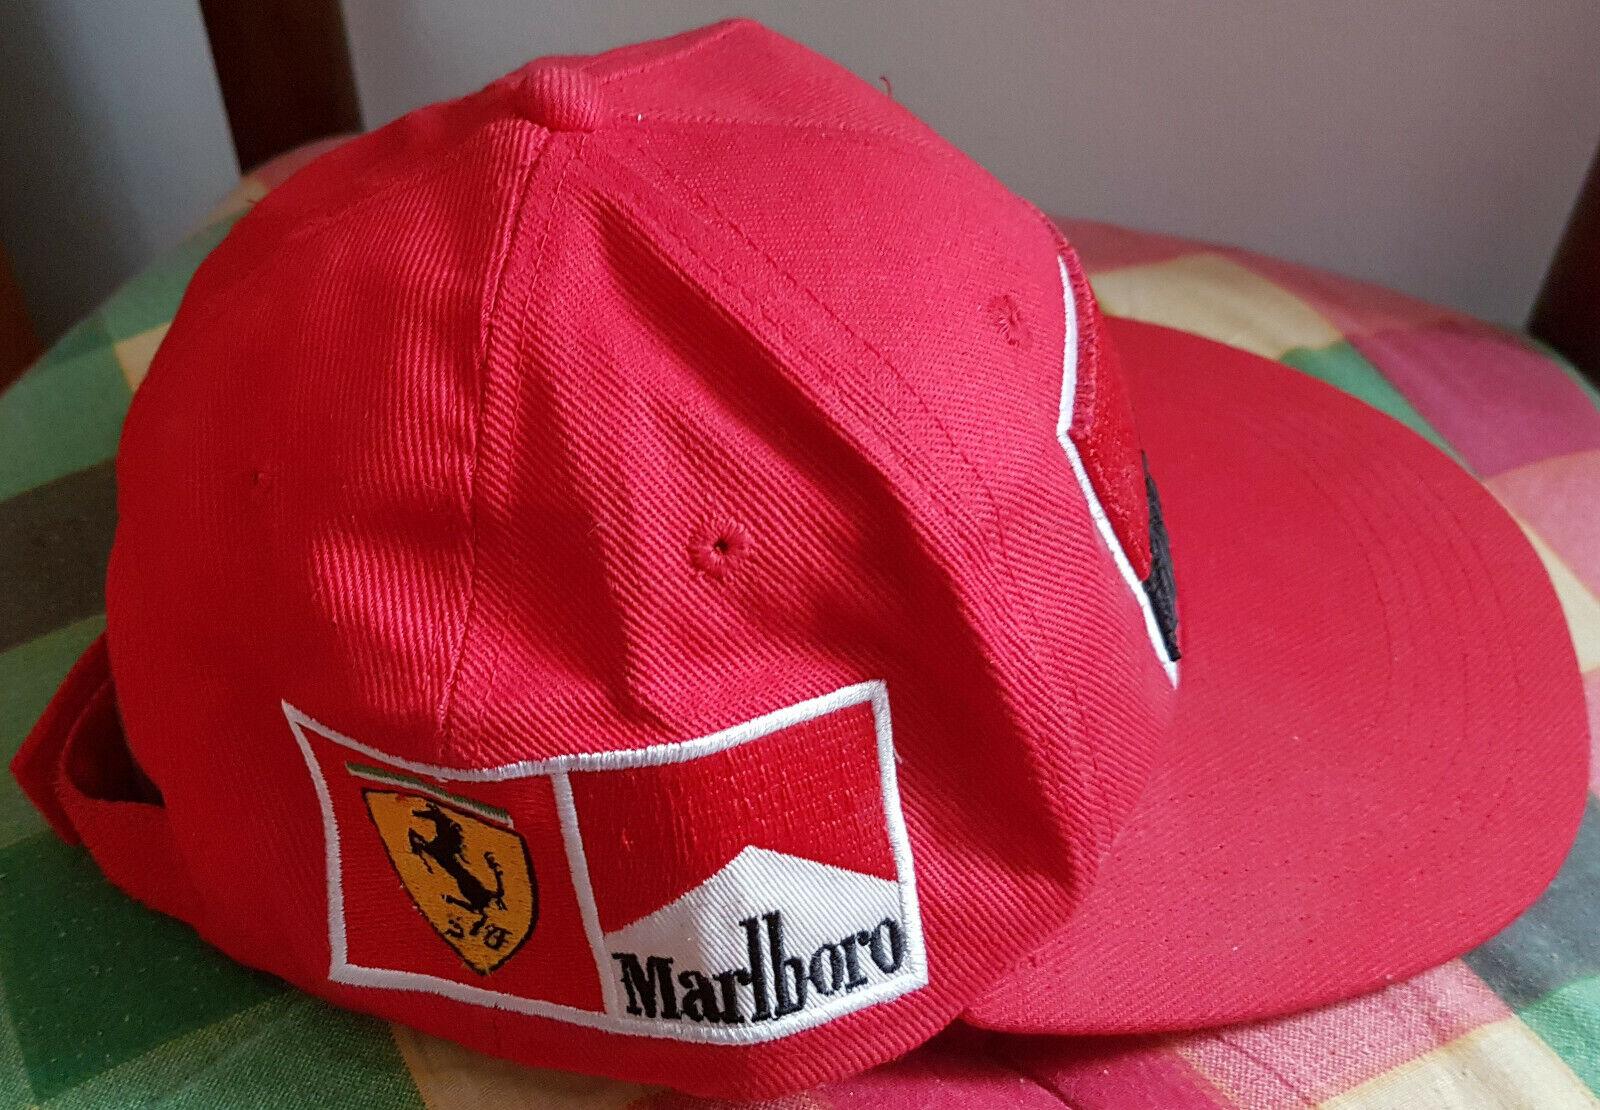 Cappello F1 Scuderia Ferrari MALBoro anni 90 introvabile introvabile introvabile raro adb438